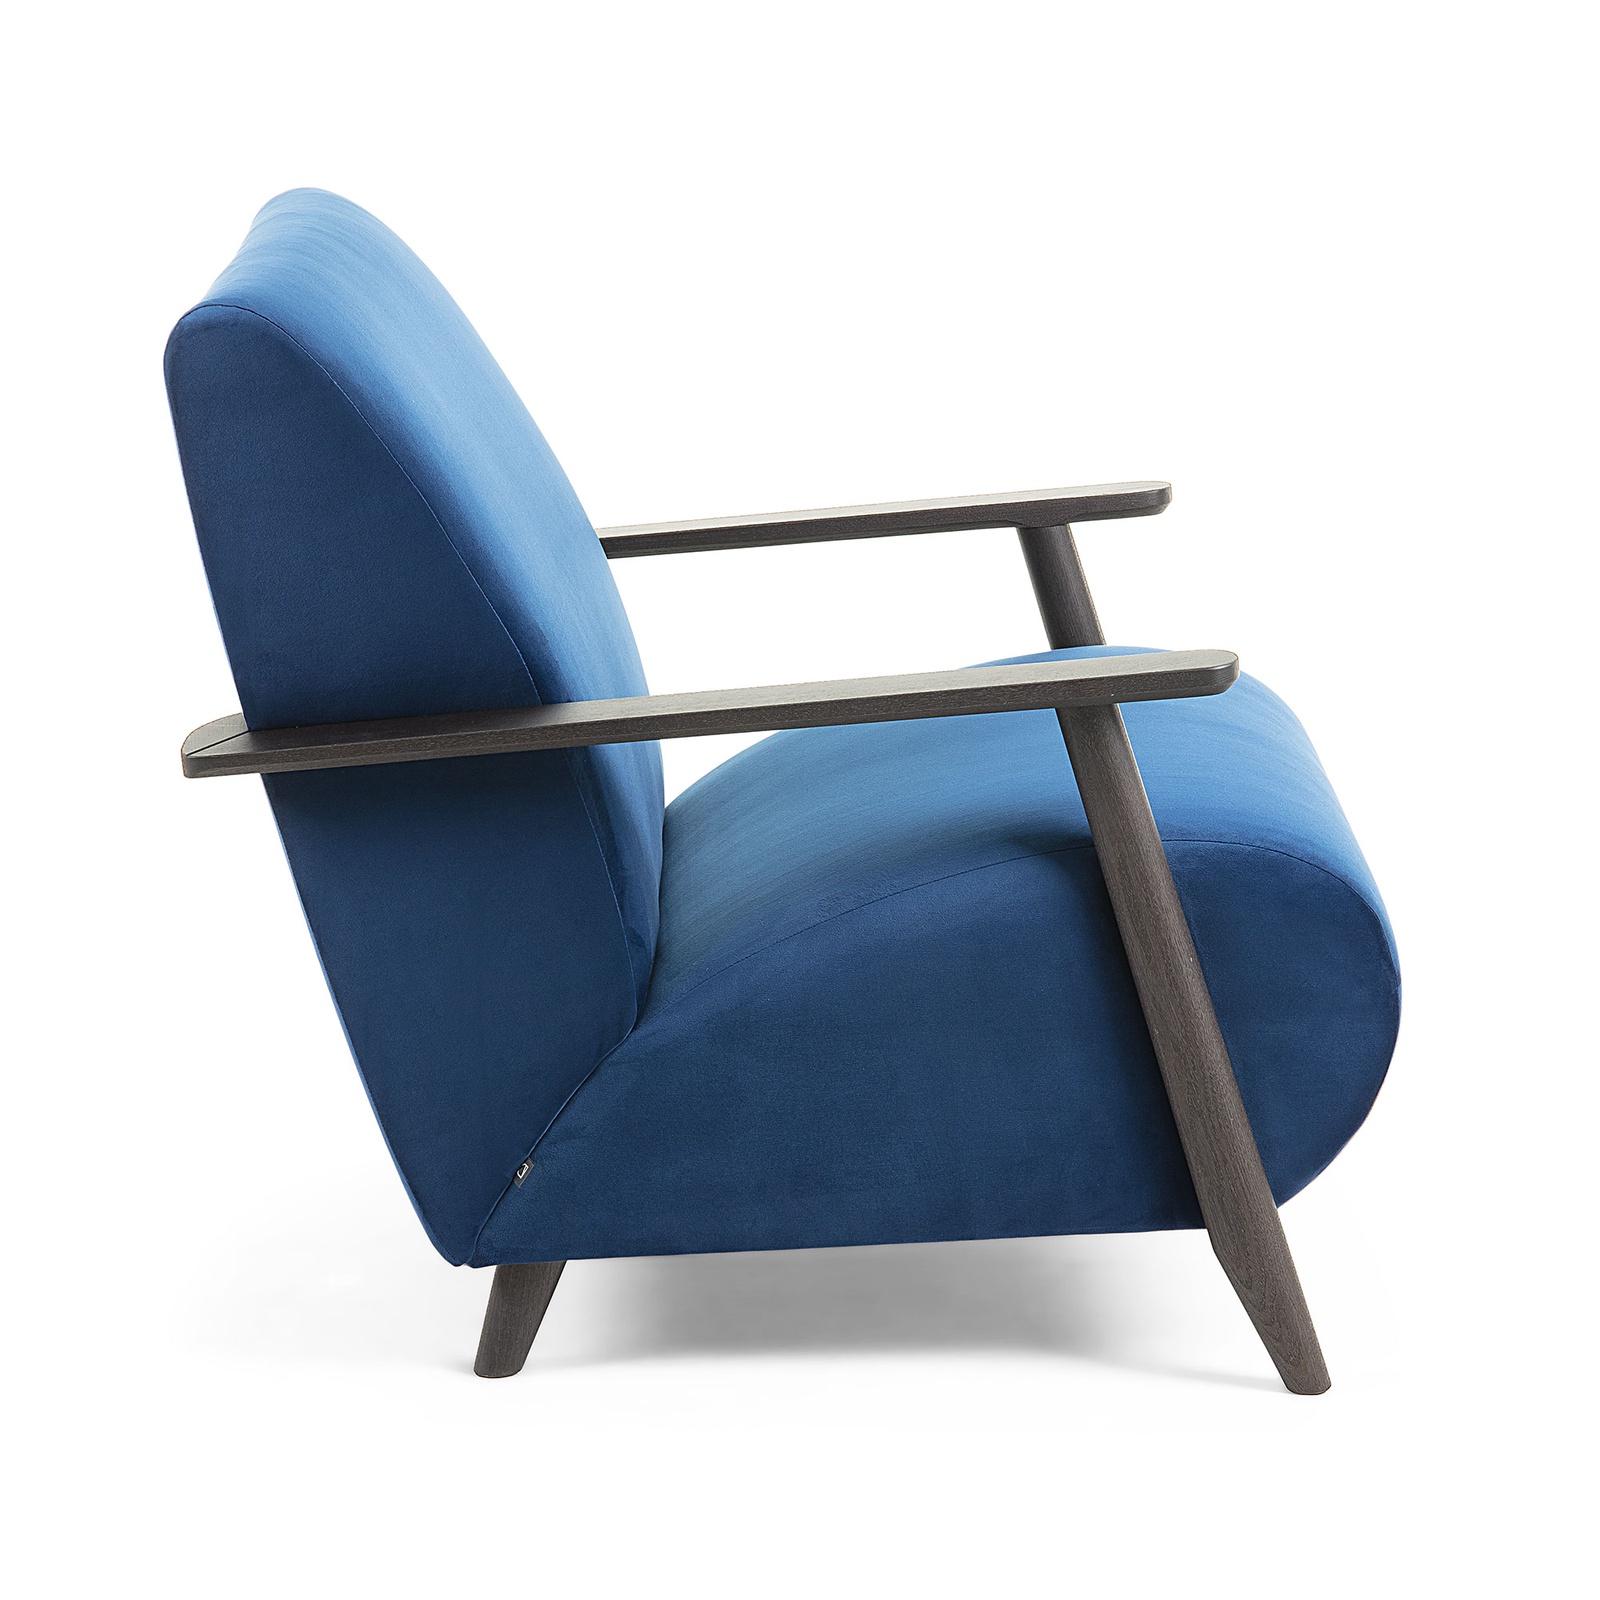 Кресло La Forma (ex Julia Grup) Marthan,S517JU25, синий